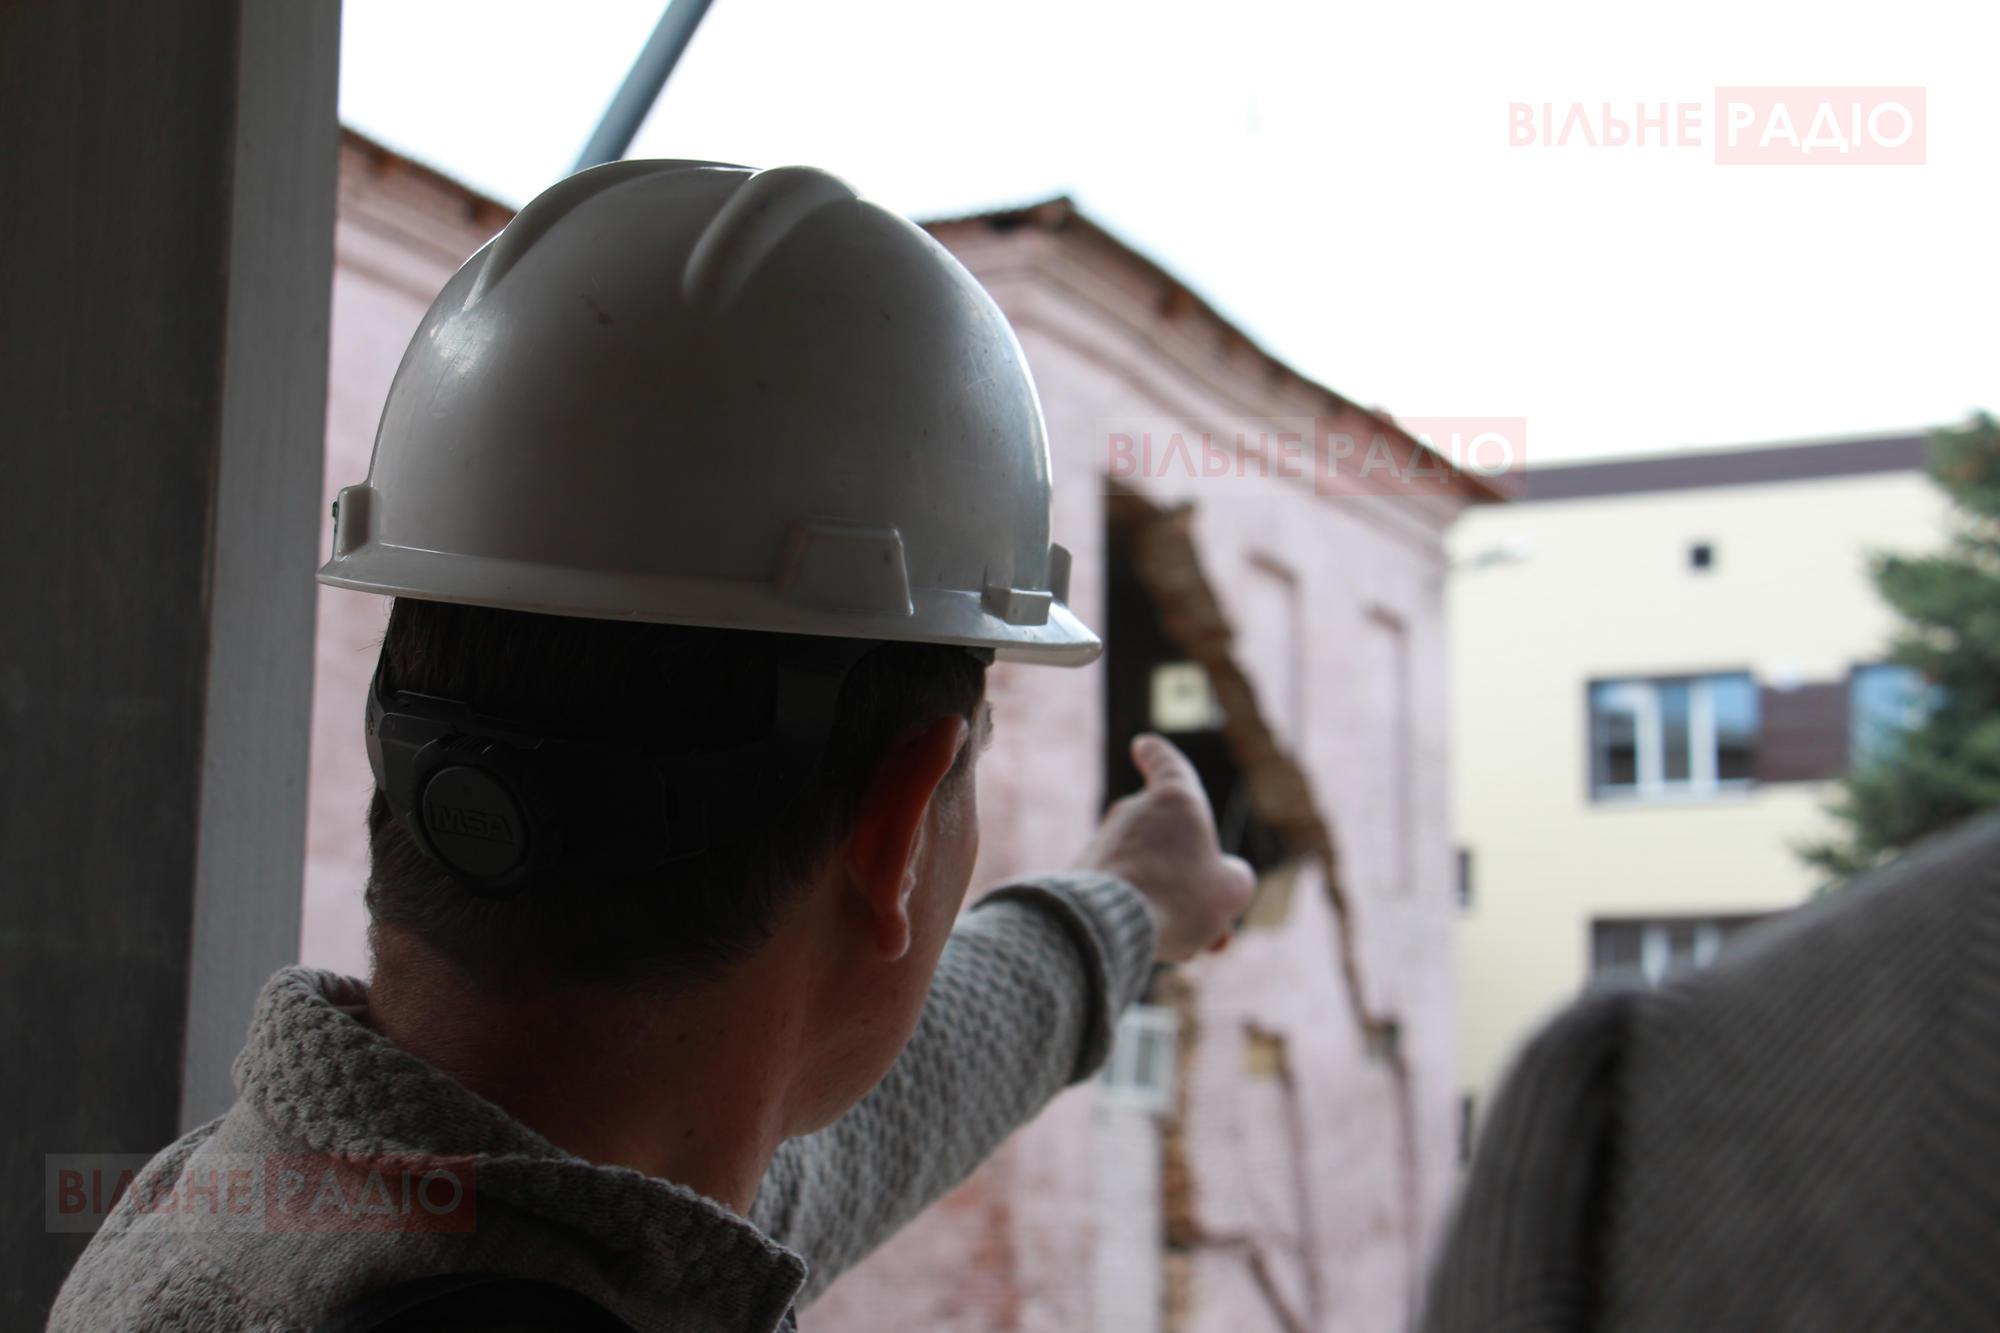 В 11 школі розібрали частину даху і планують збирати все заново після демонтажу